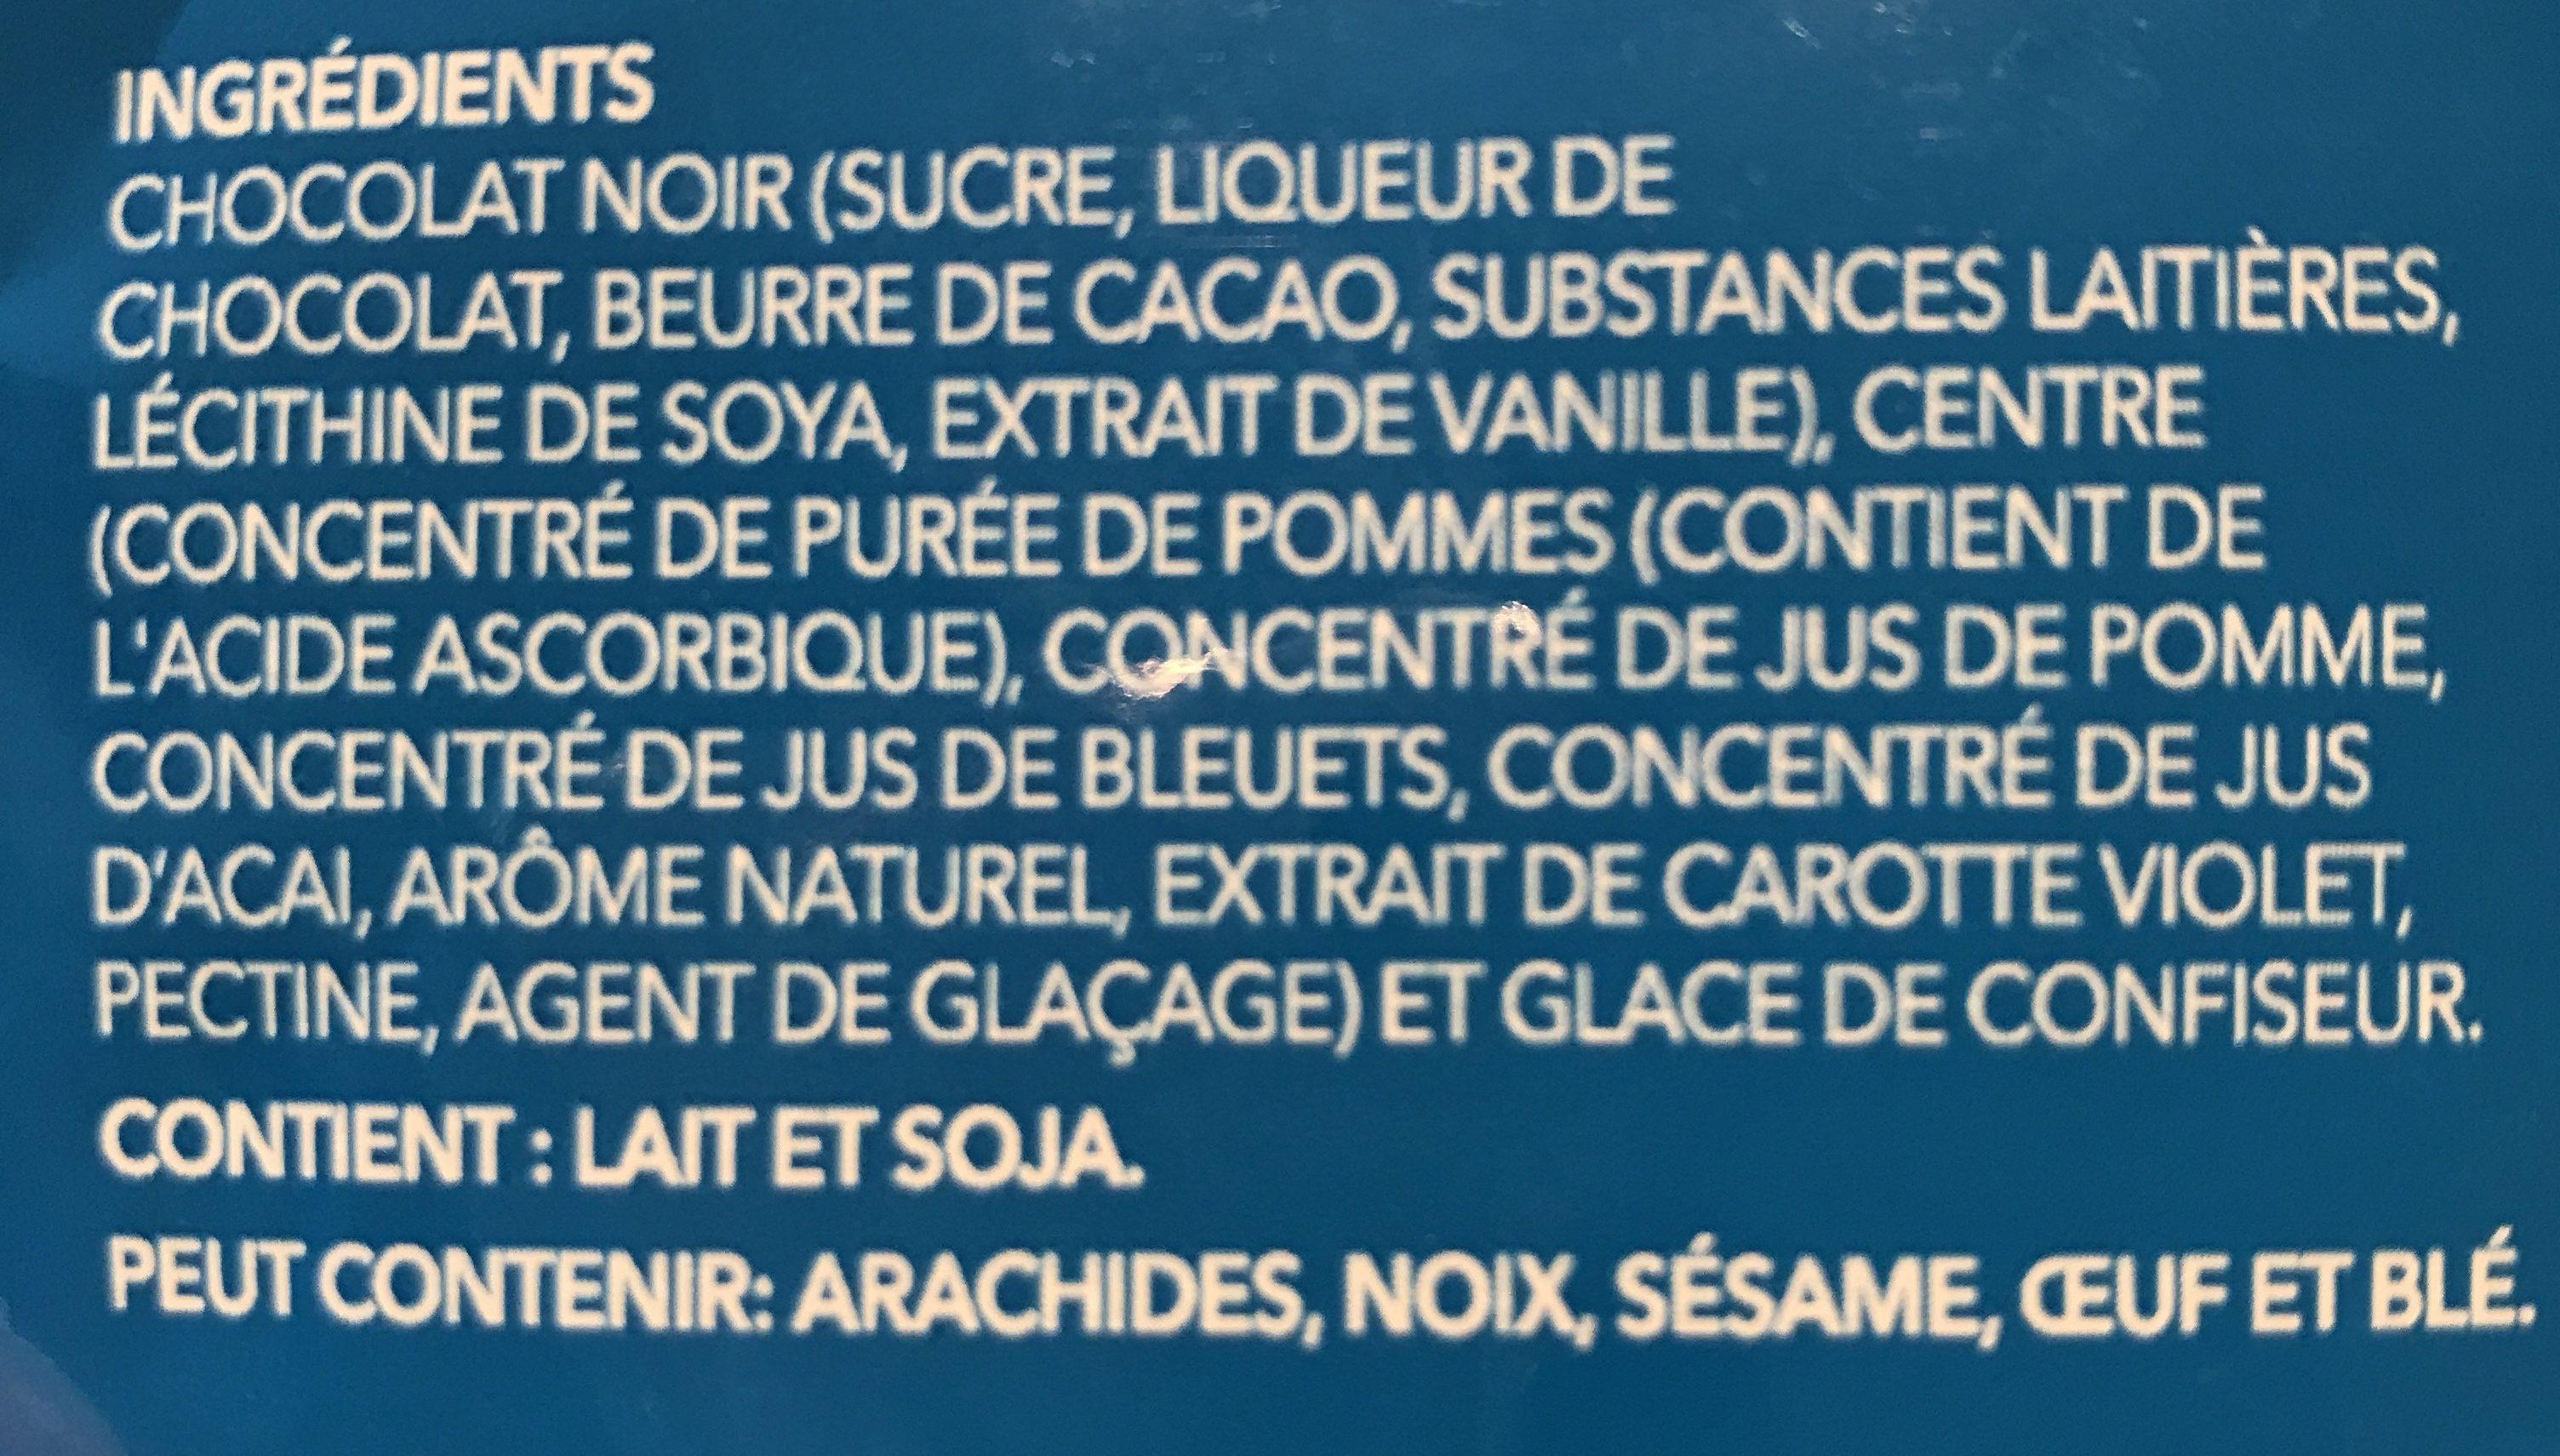 Acai & blueberry - Ingrédients